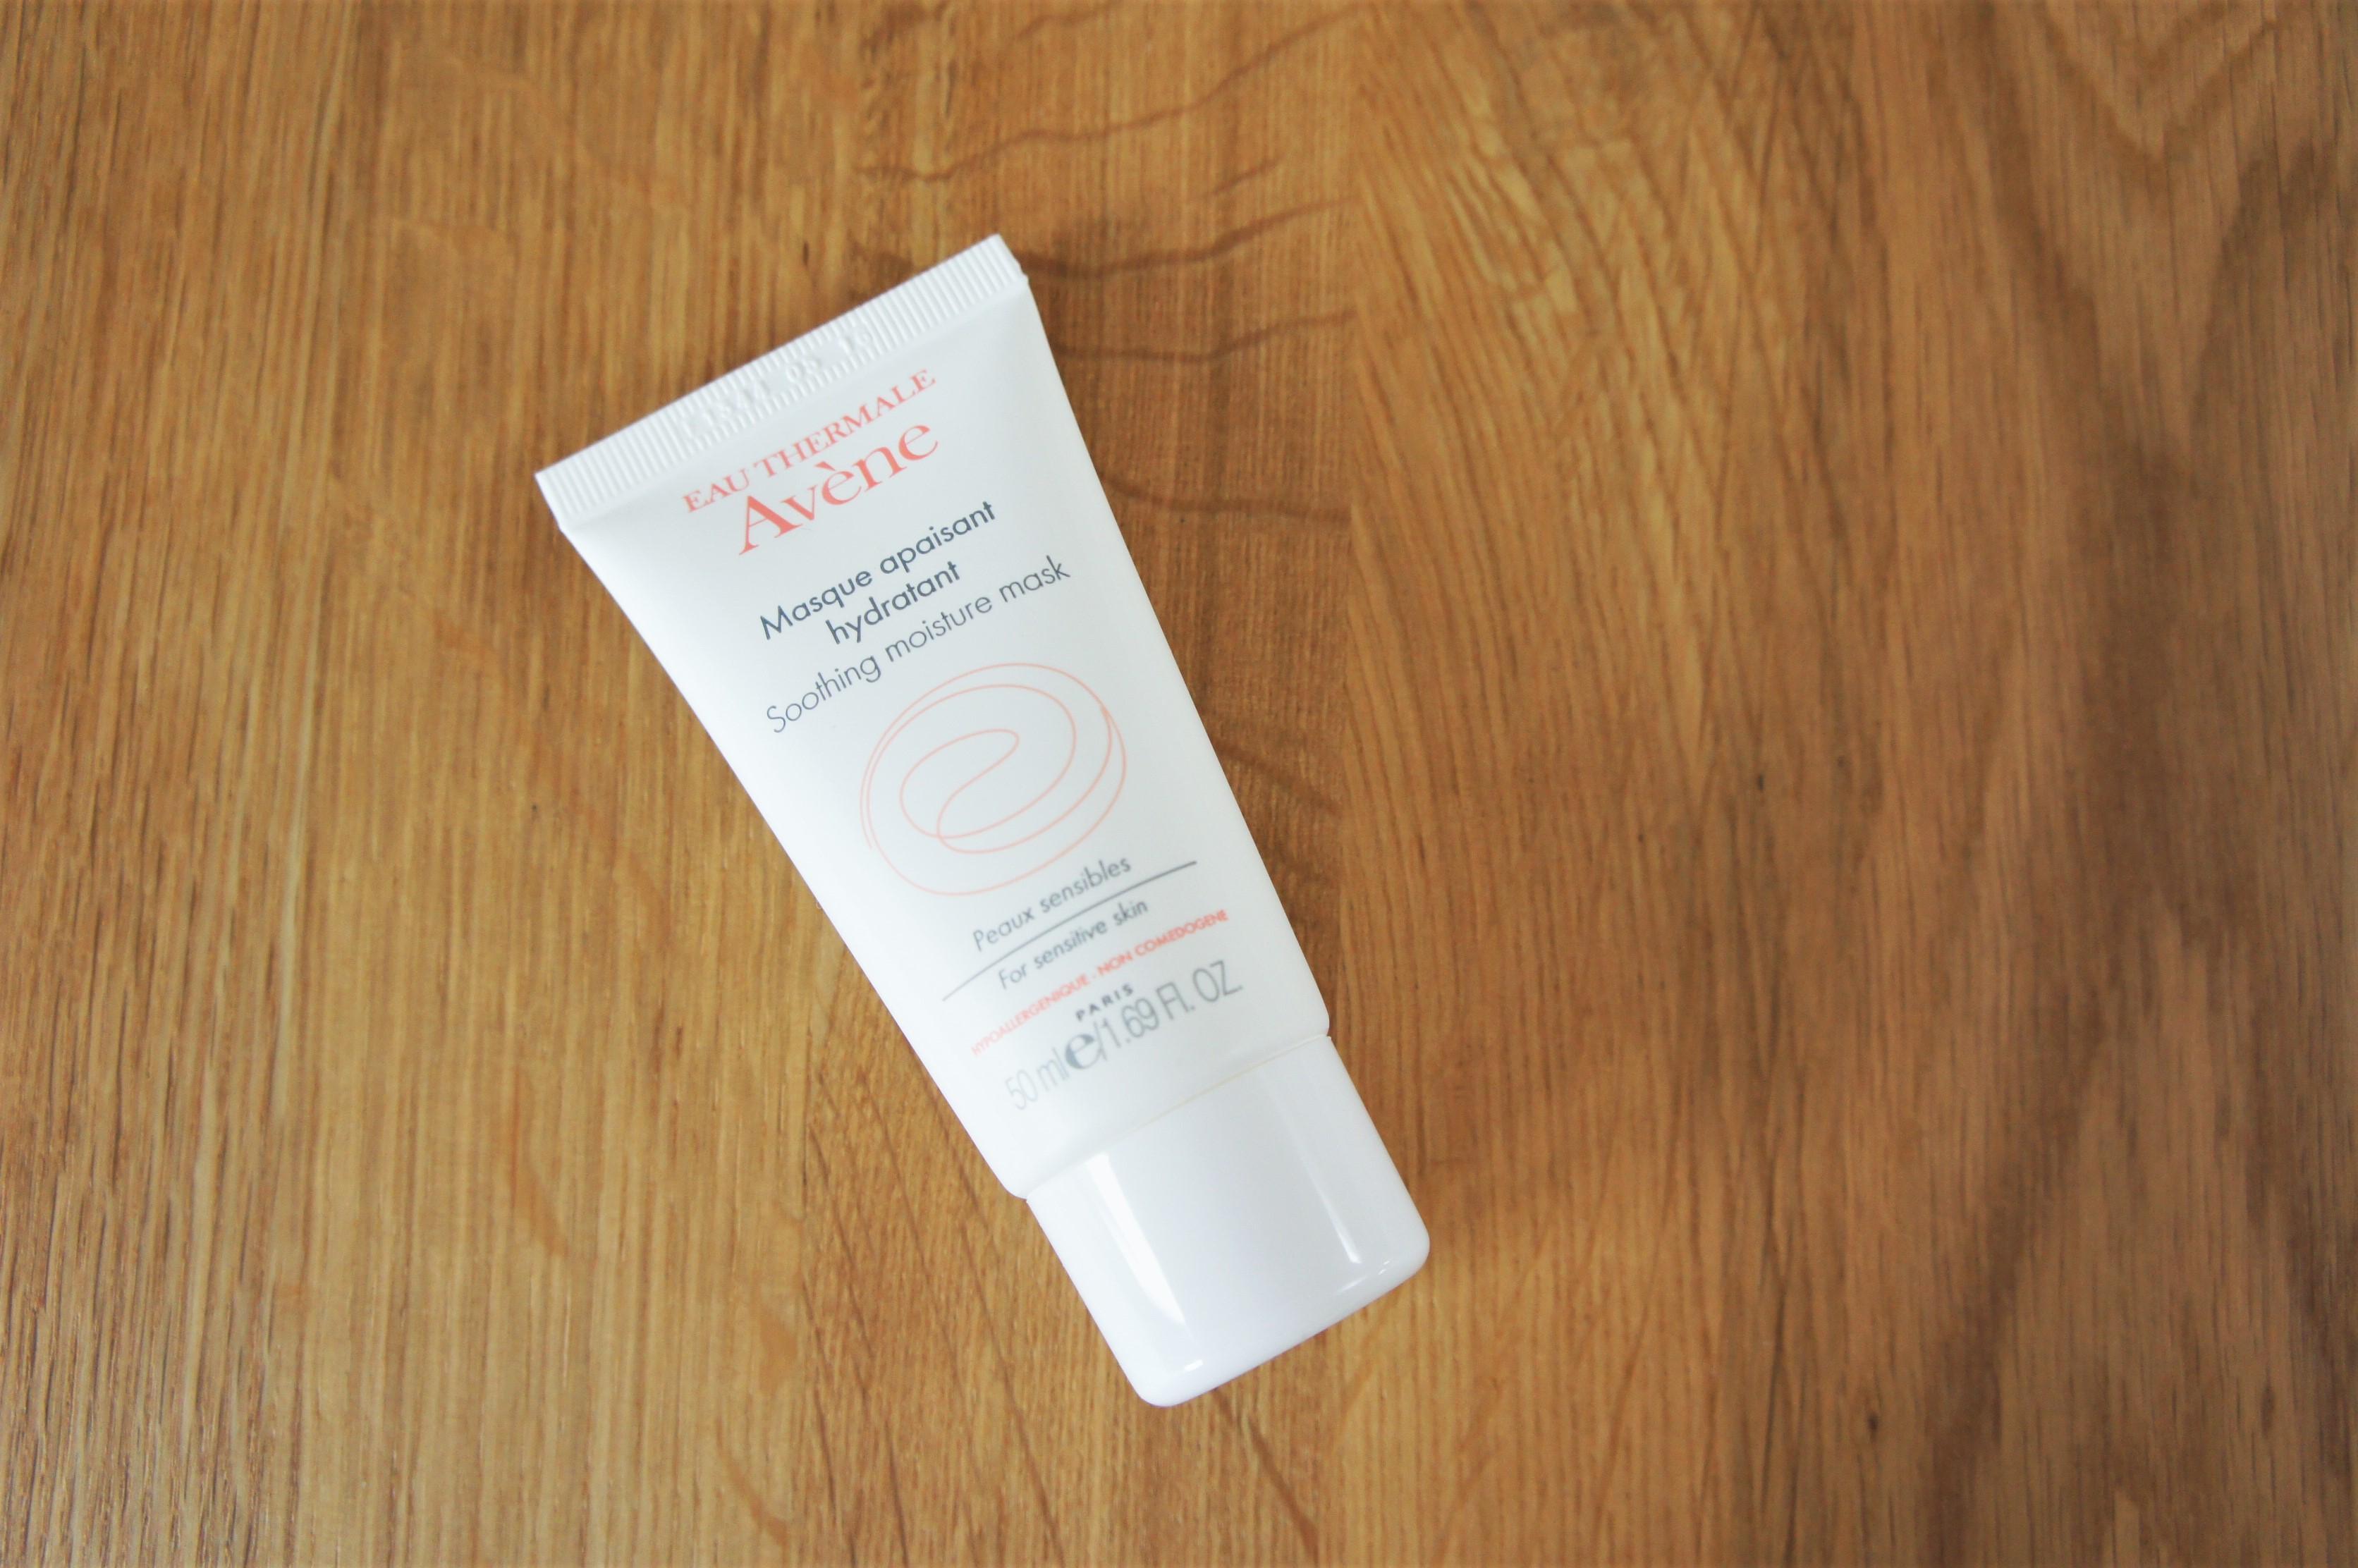 Avene soothing moisture mask